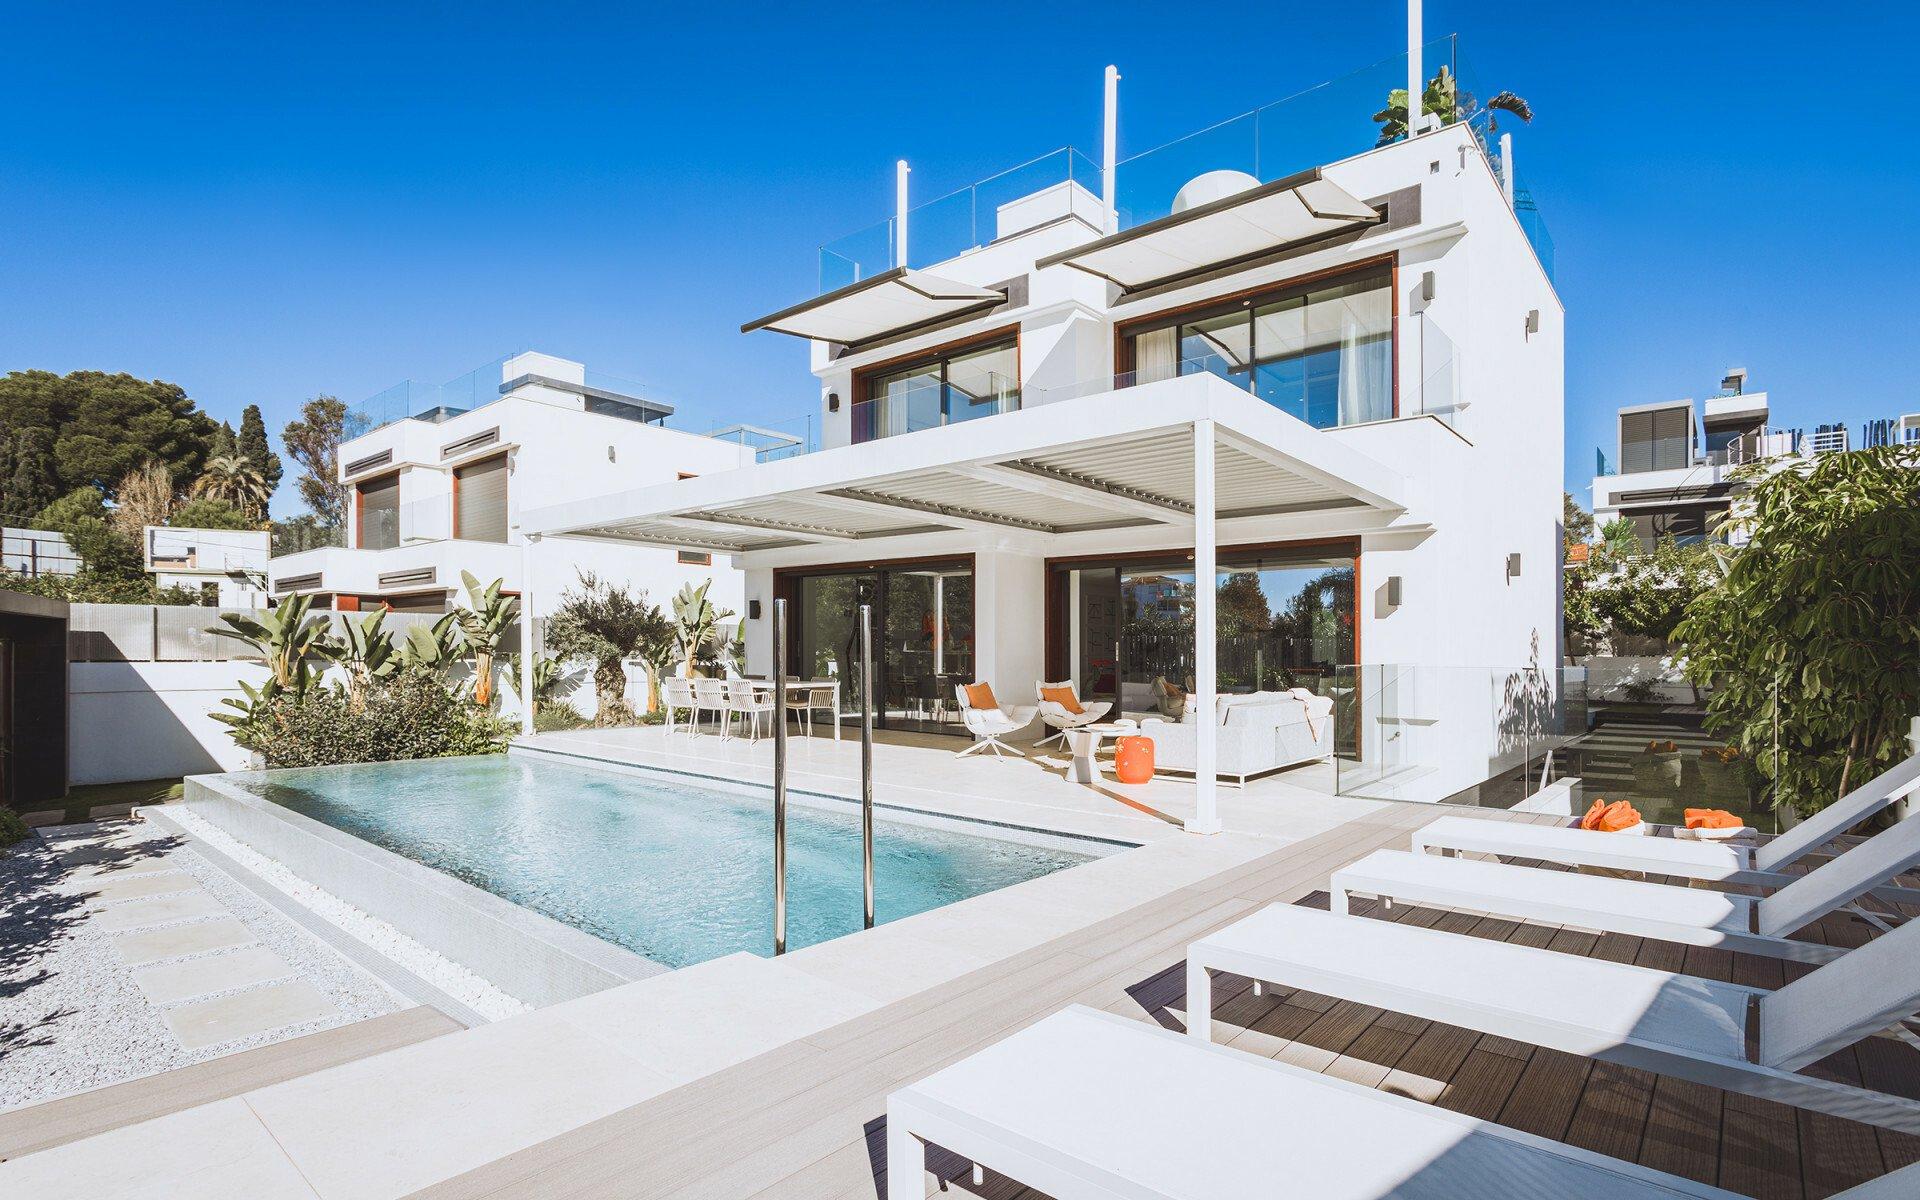 Villa in Marbella, Andalusia, Spain 1 - 11394798